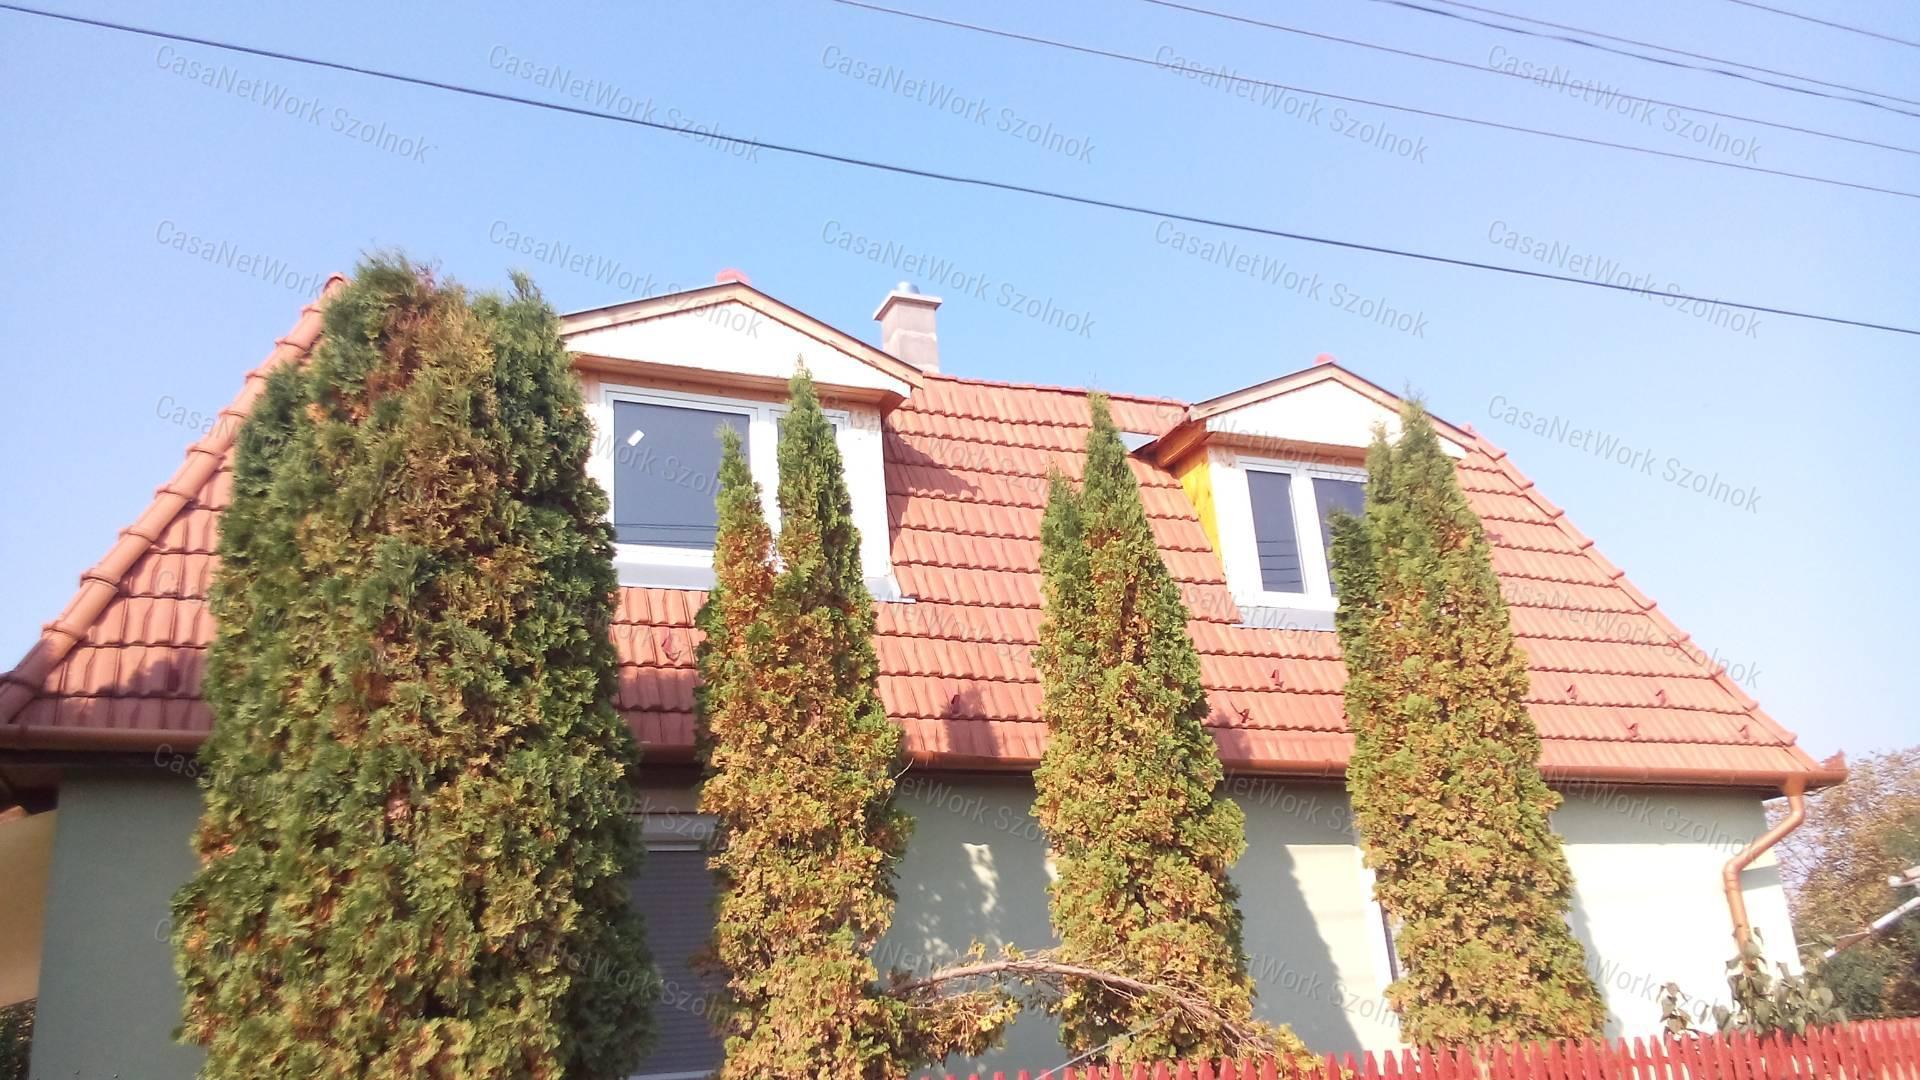 Eladó családi ház, Jász-Nagykun-Szolnok megye, Tiszaföldvár - sz.: 155802444 - CasaNetWork.hu